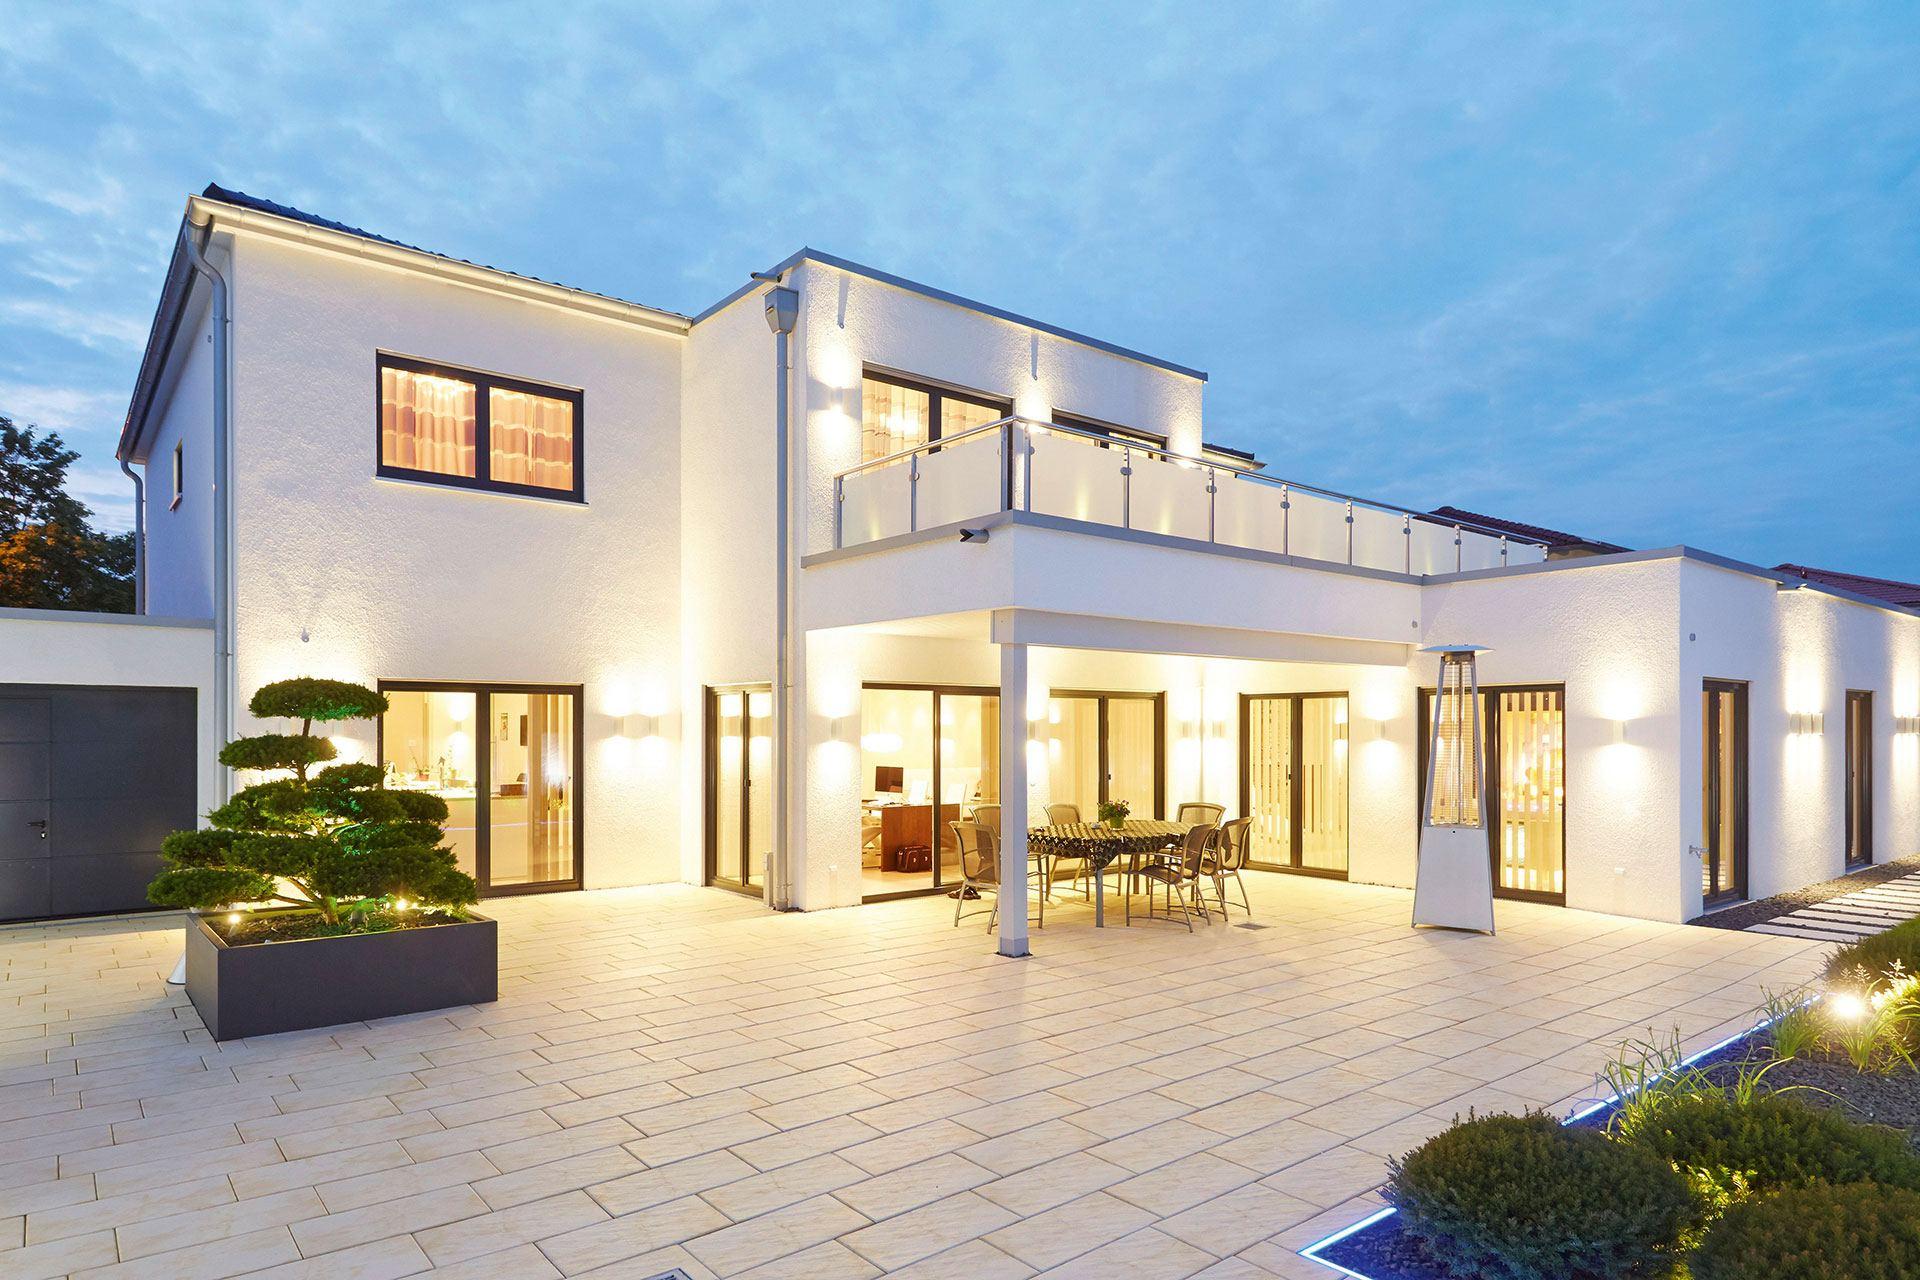 Stadtvilla modern mit erker for Haus mit erker modern